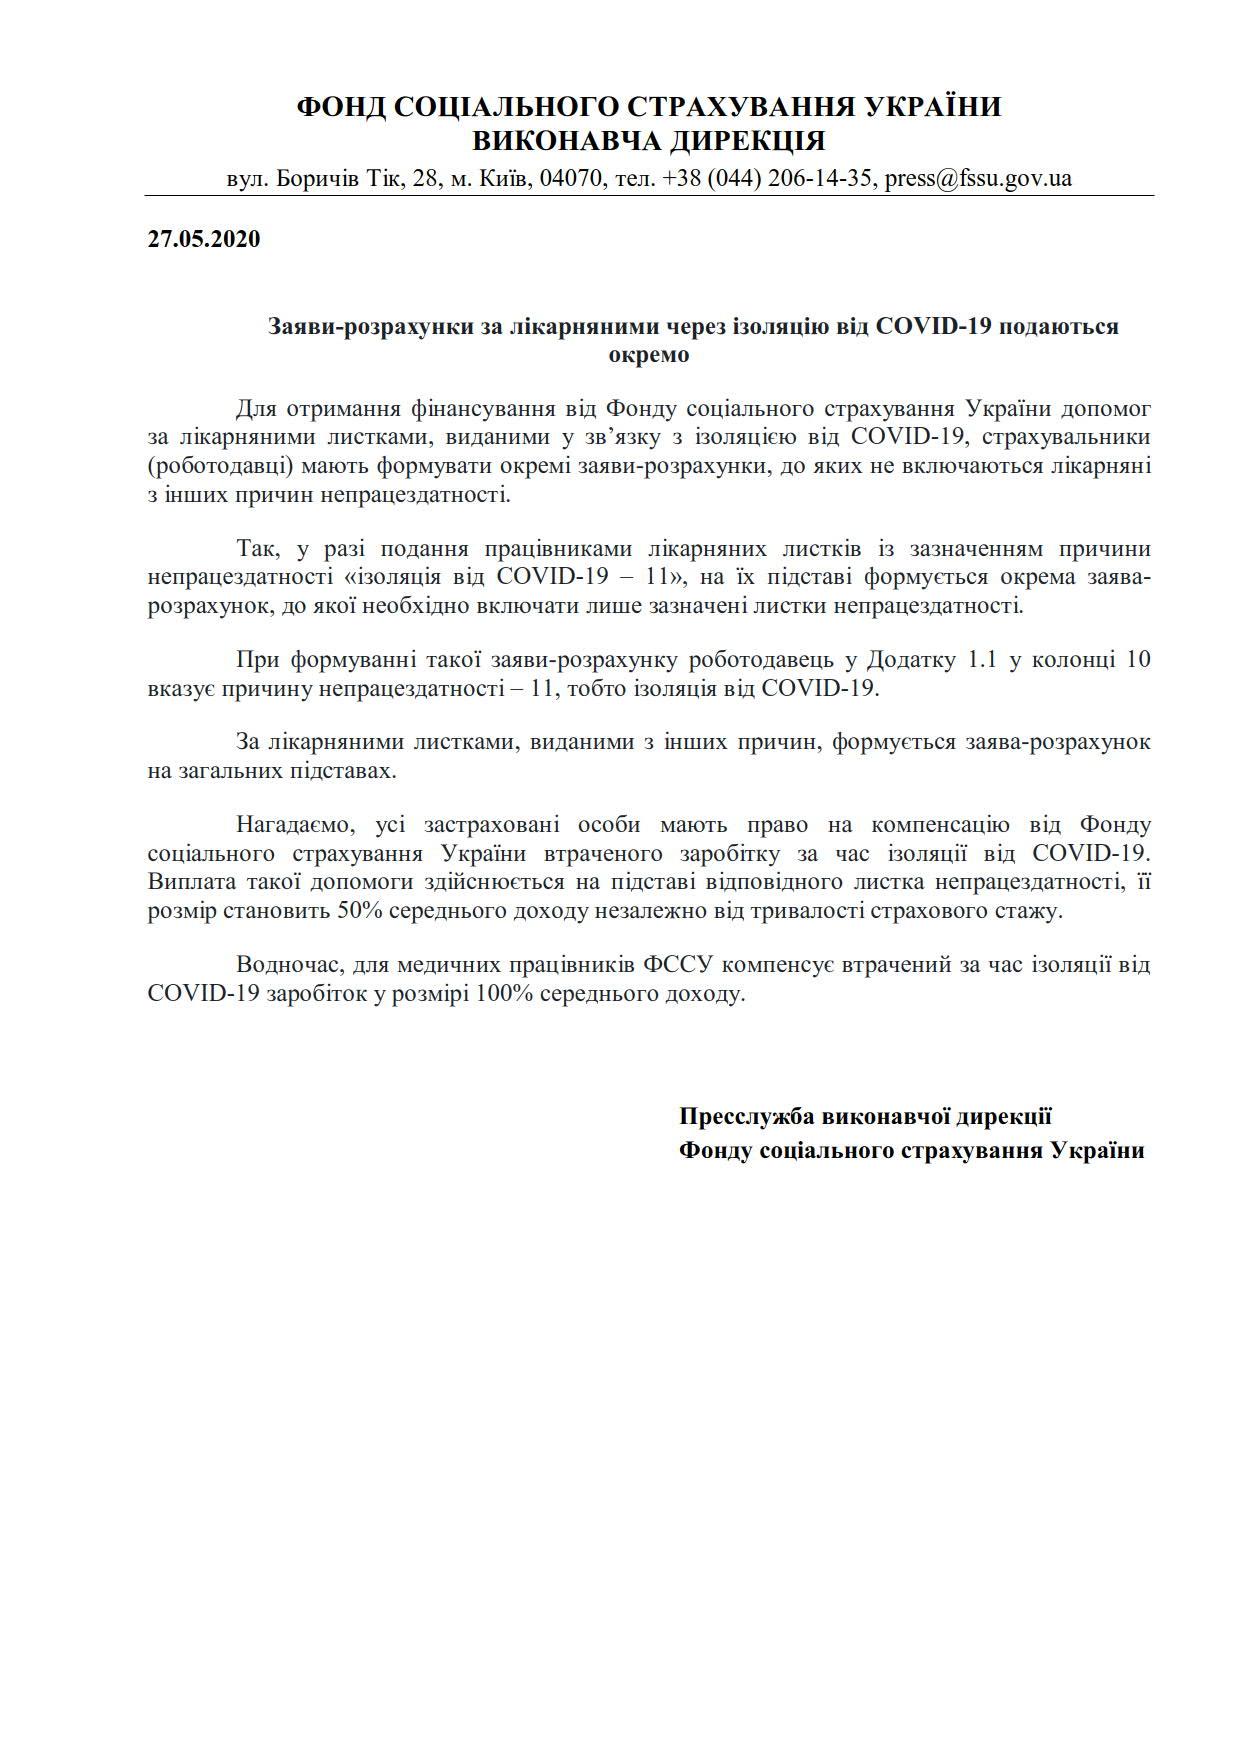 ФССУ_Заяви-розрахунки за лікарняними через ізоляцію-1_1